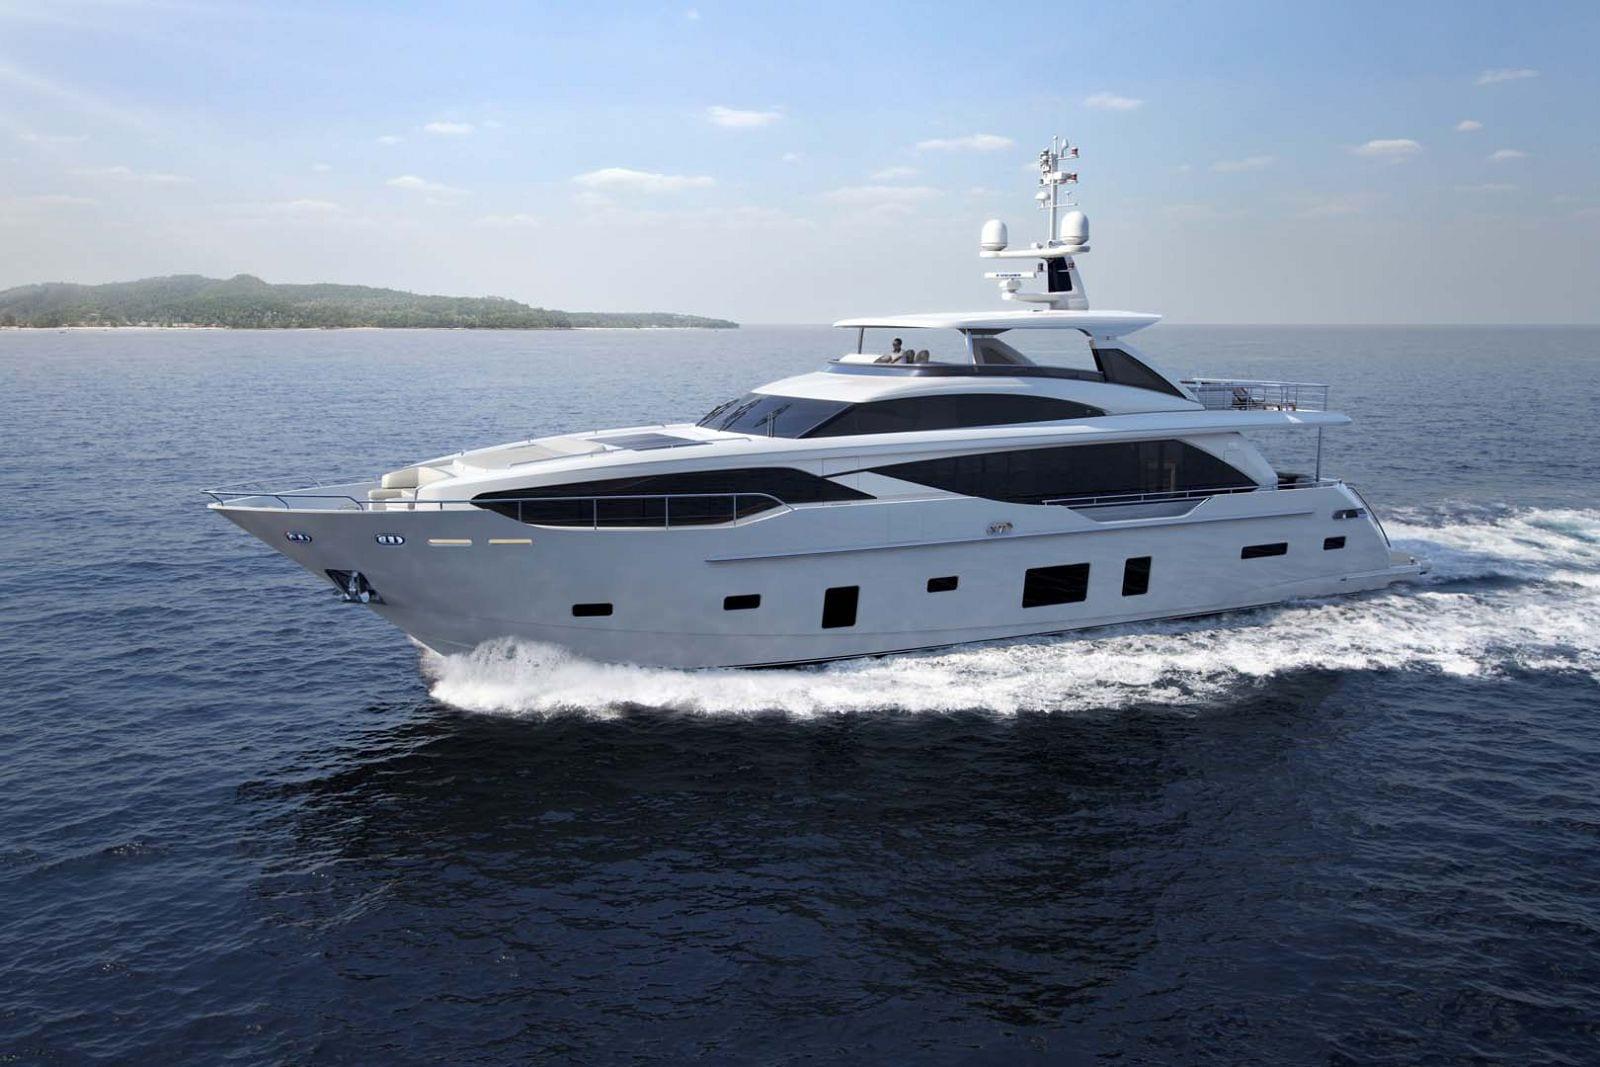 Супер яхта Принцесс 30 метров спущена на воду